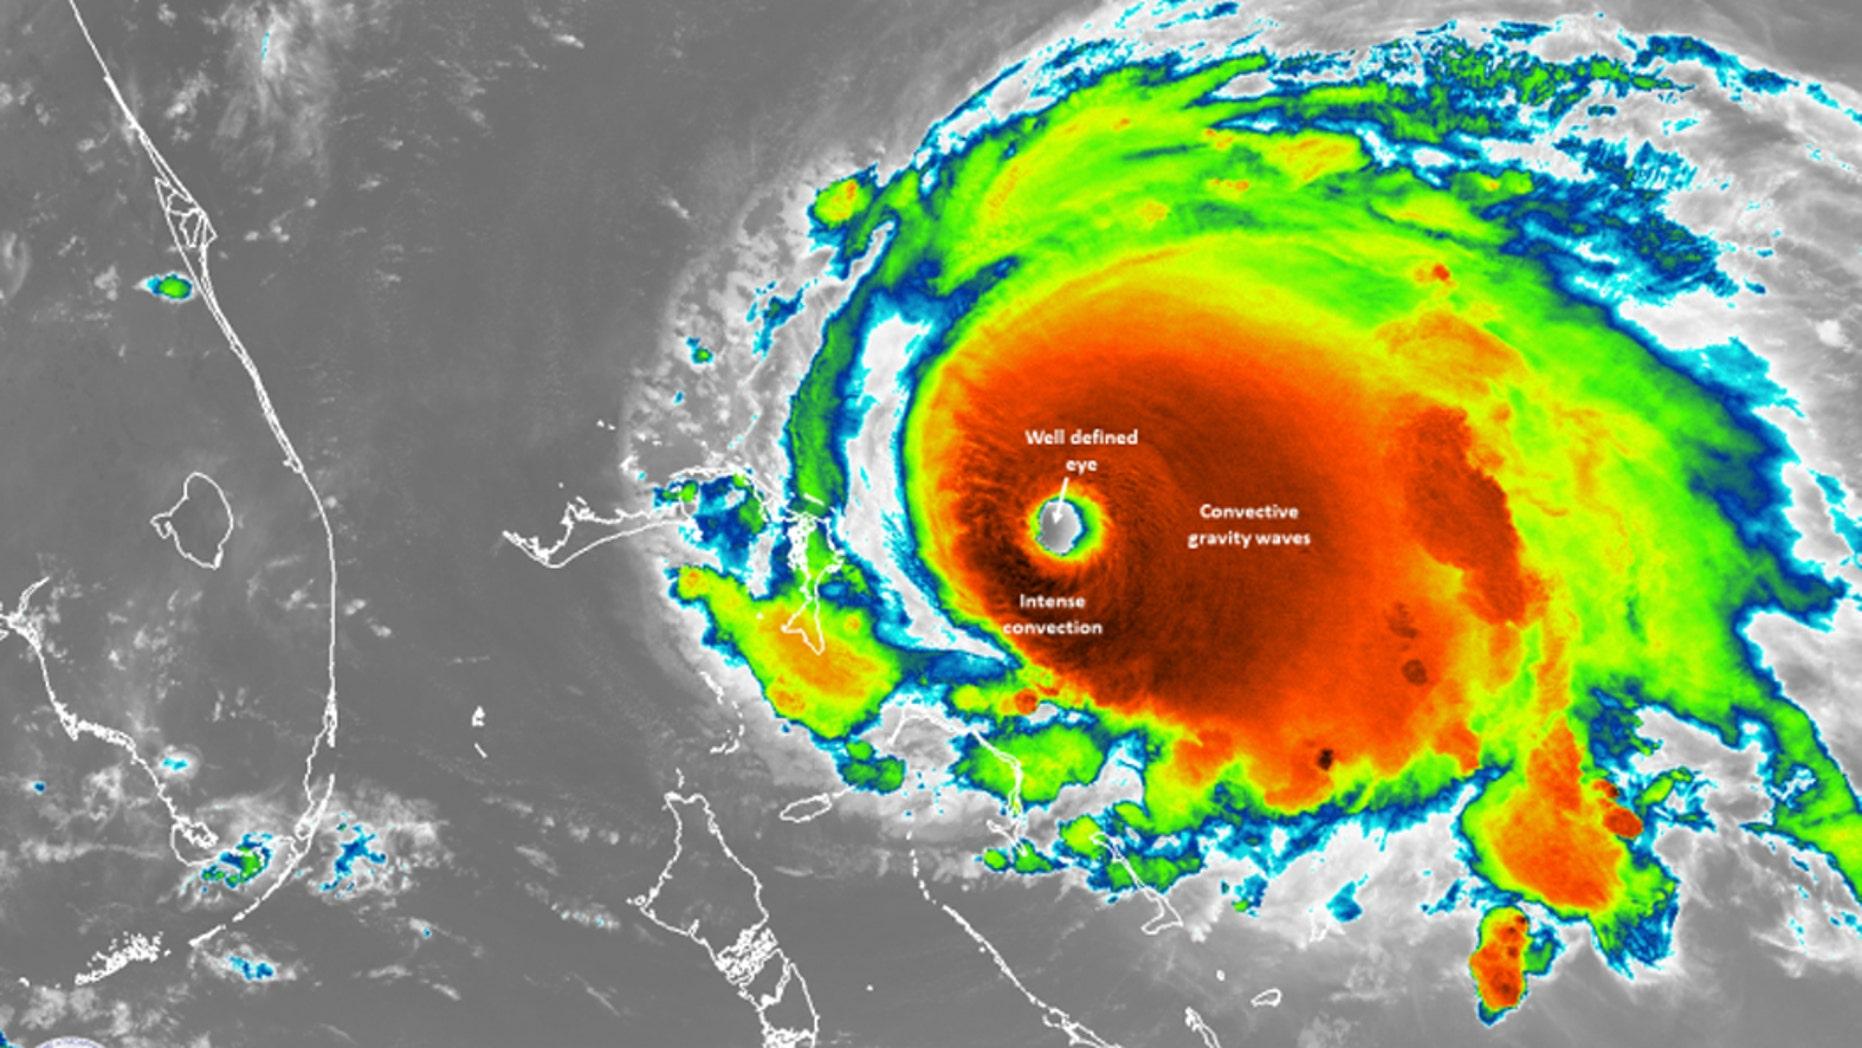 Westlake Legal Group 7e2d5925-hurricane-dorian-1 Today on Fox News, Sept. 3, 2019 fox-news/media fox-news/entertainment/media fox news fnc/media fnc article 234328dc-1ce9-5cc9-a9f7-105e228e59f8